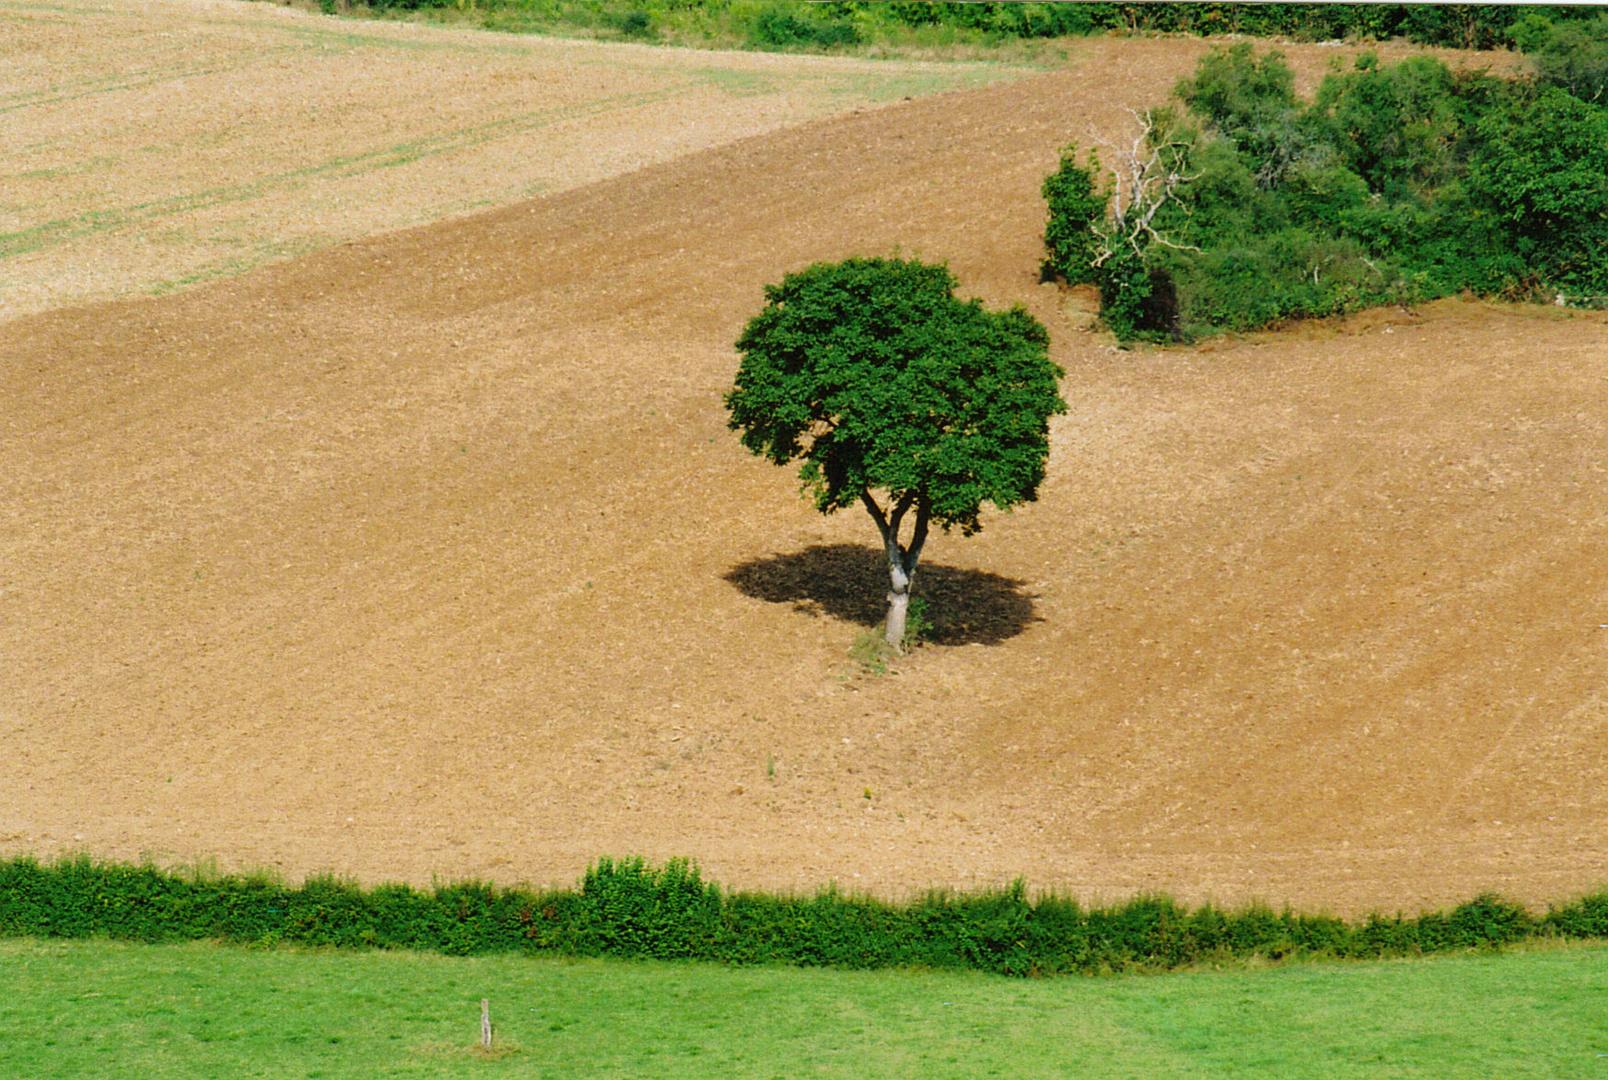 qu'est ce qu'un arbre?